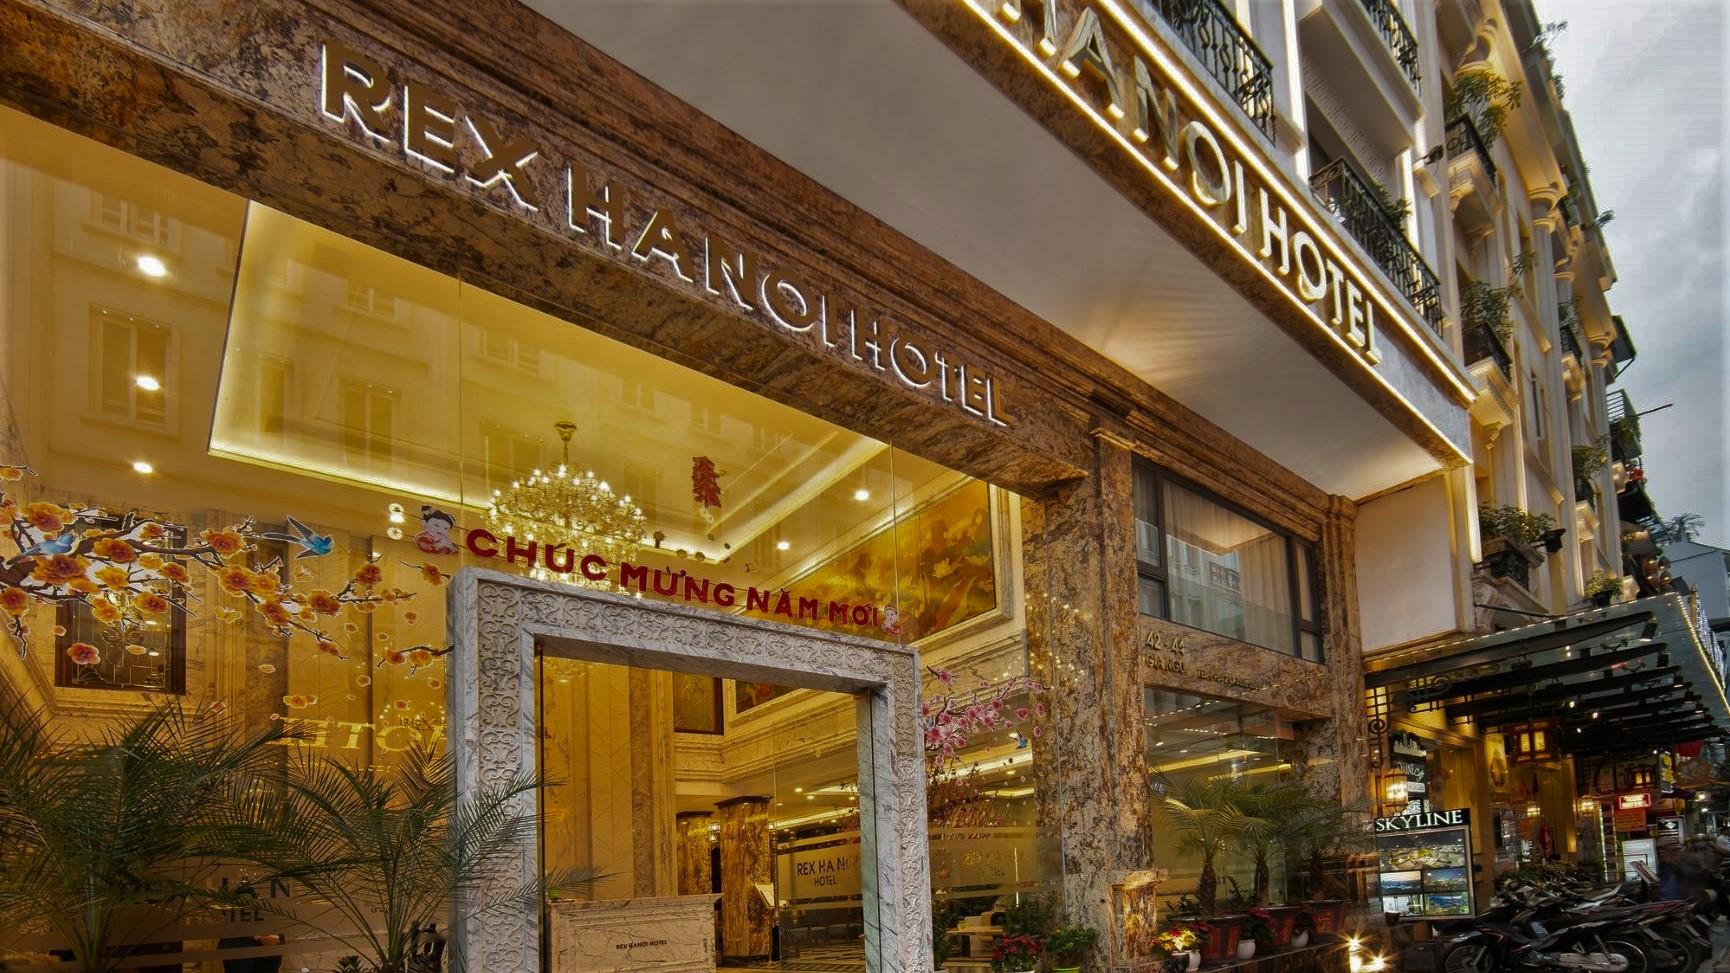 The Rex Hanoi Hotel